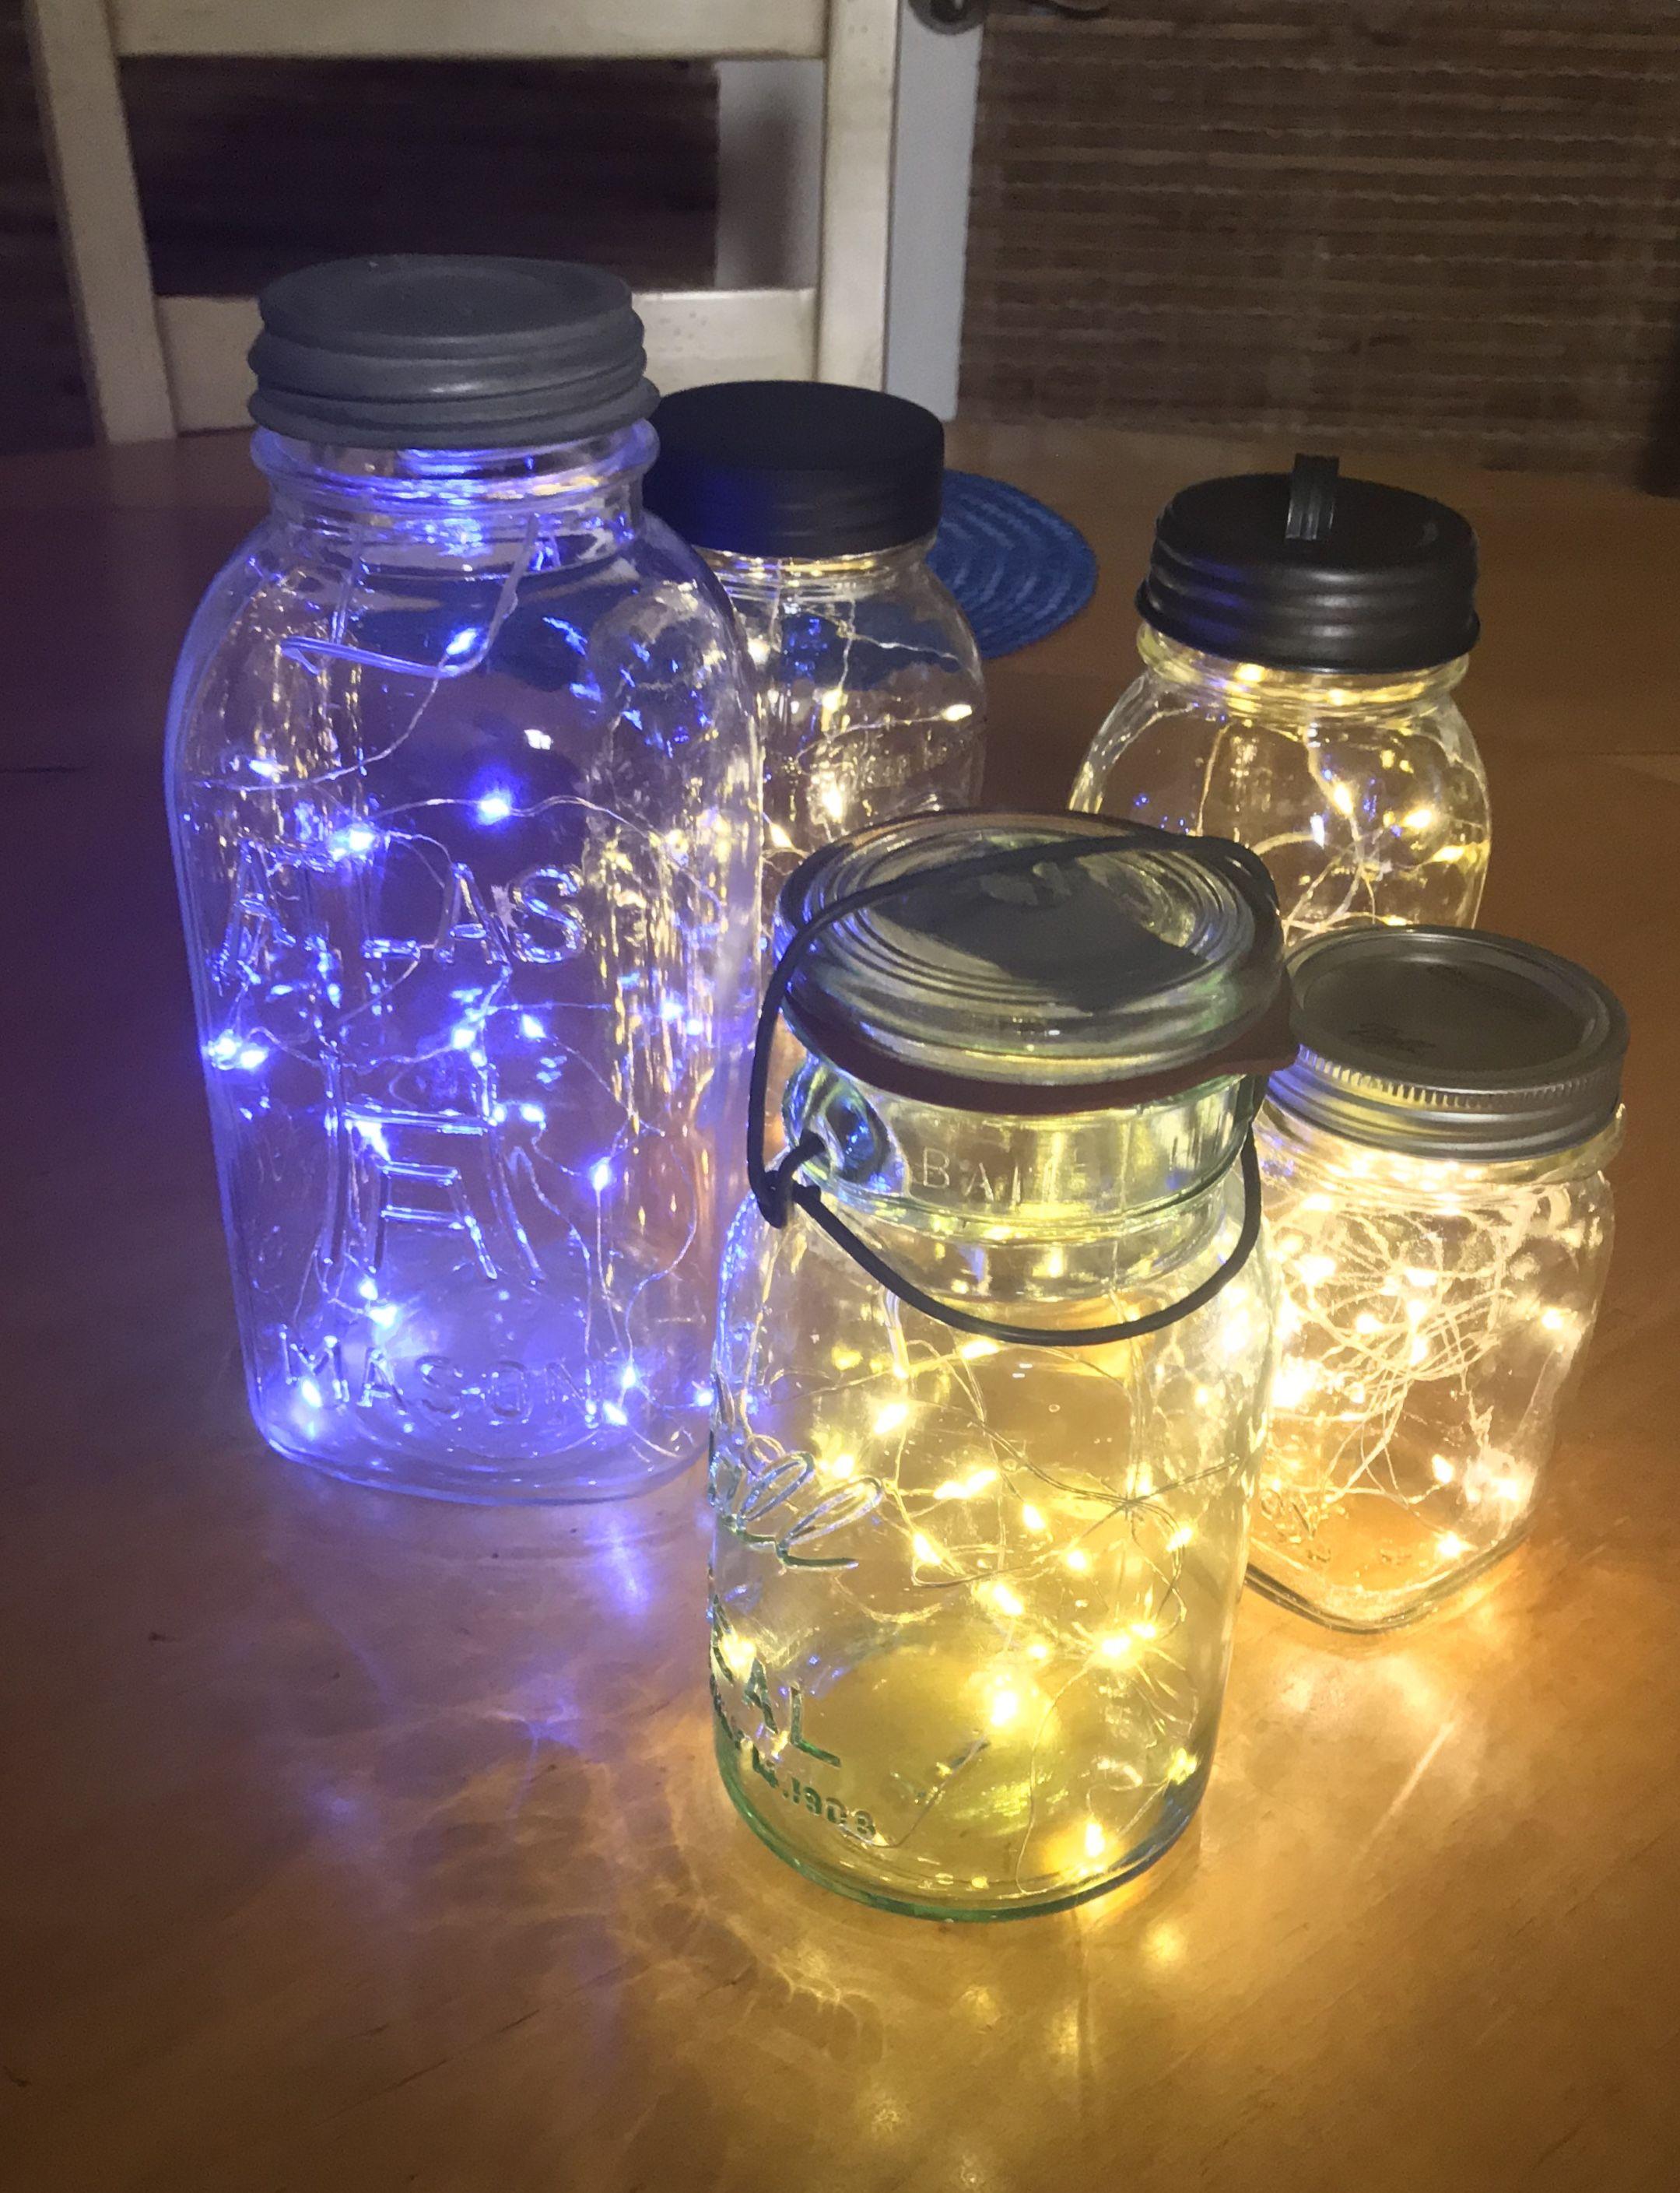 Pin On Glass Jar Ideas